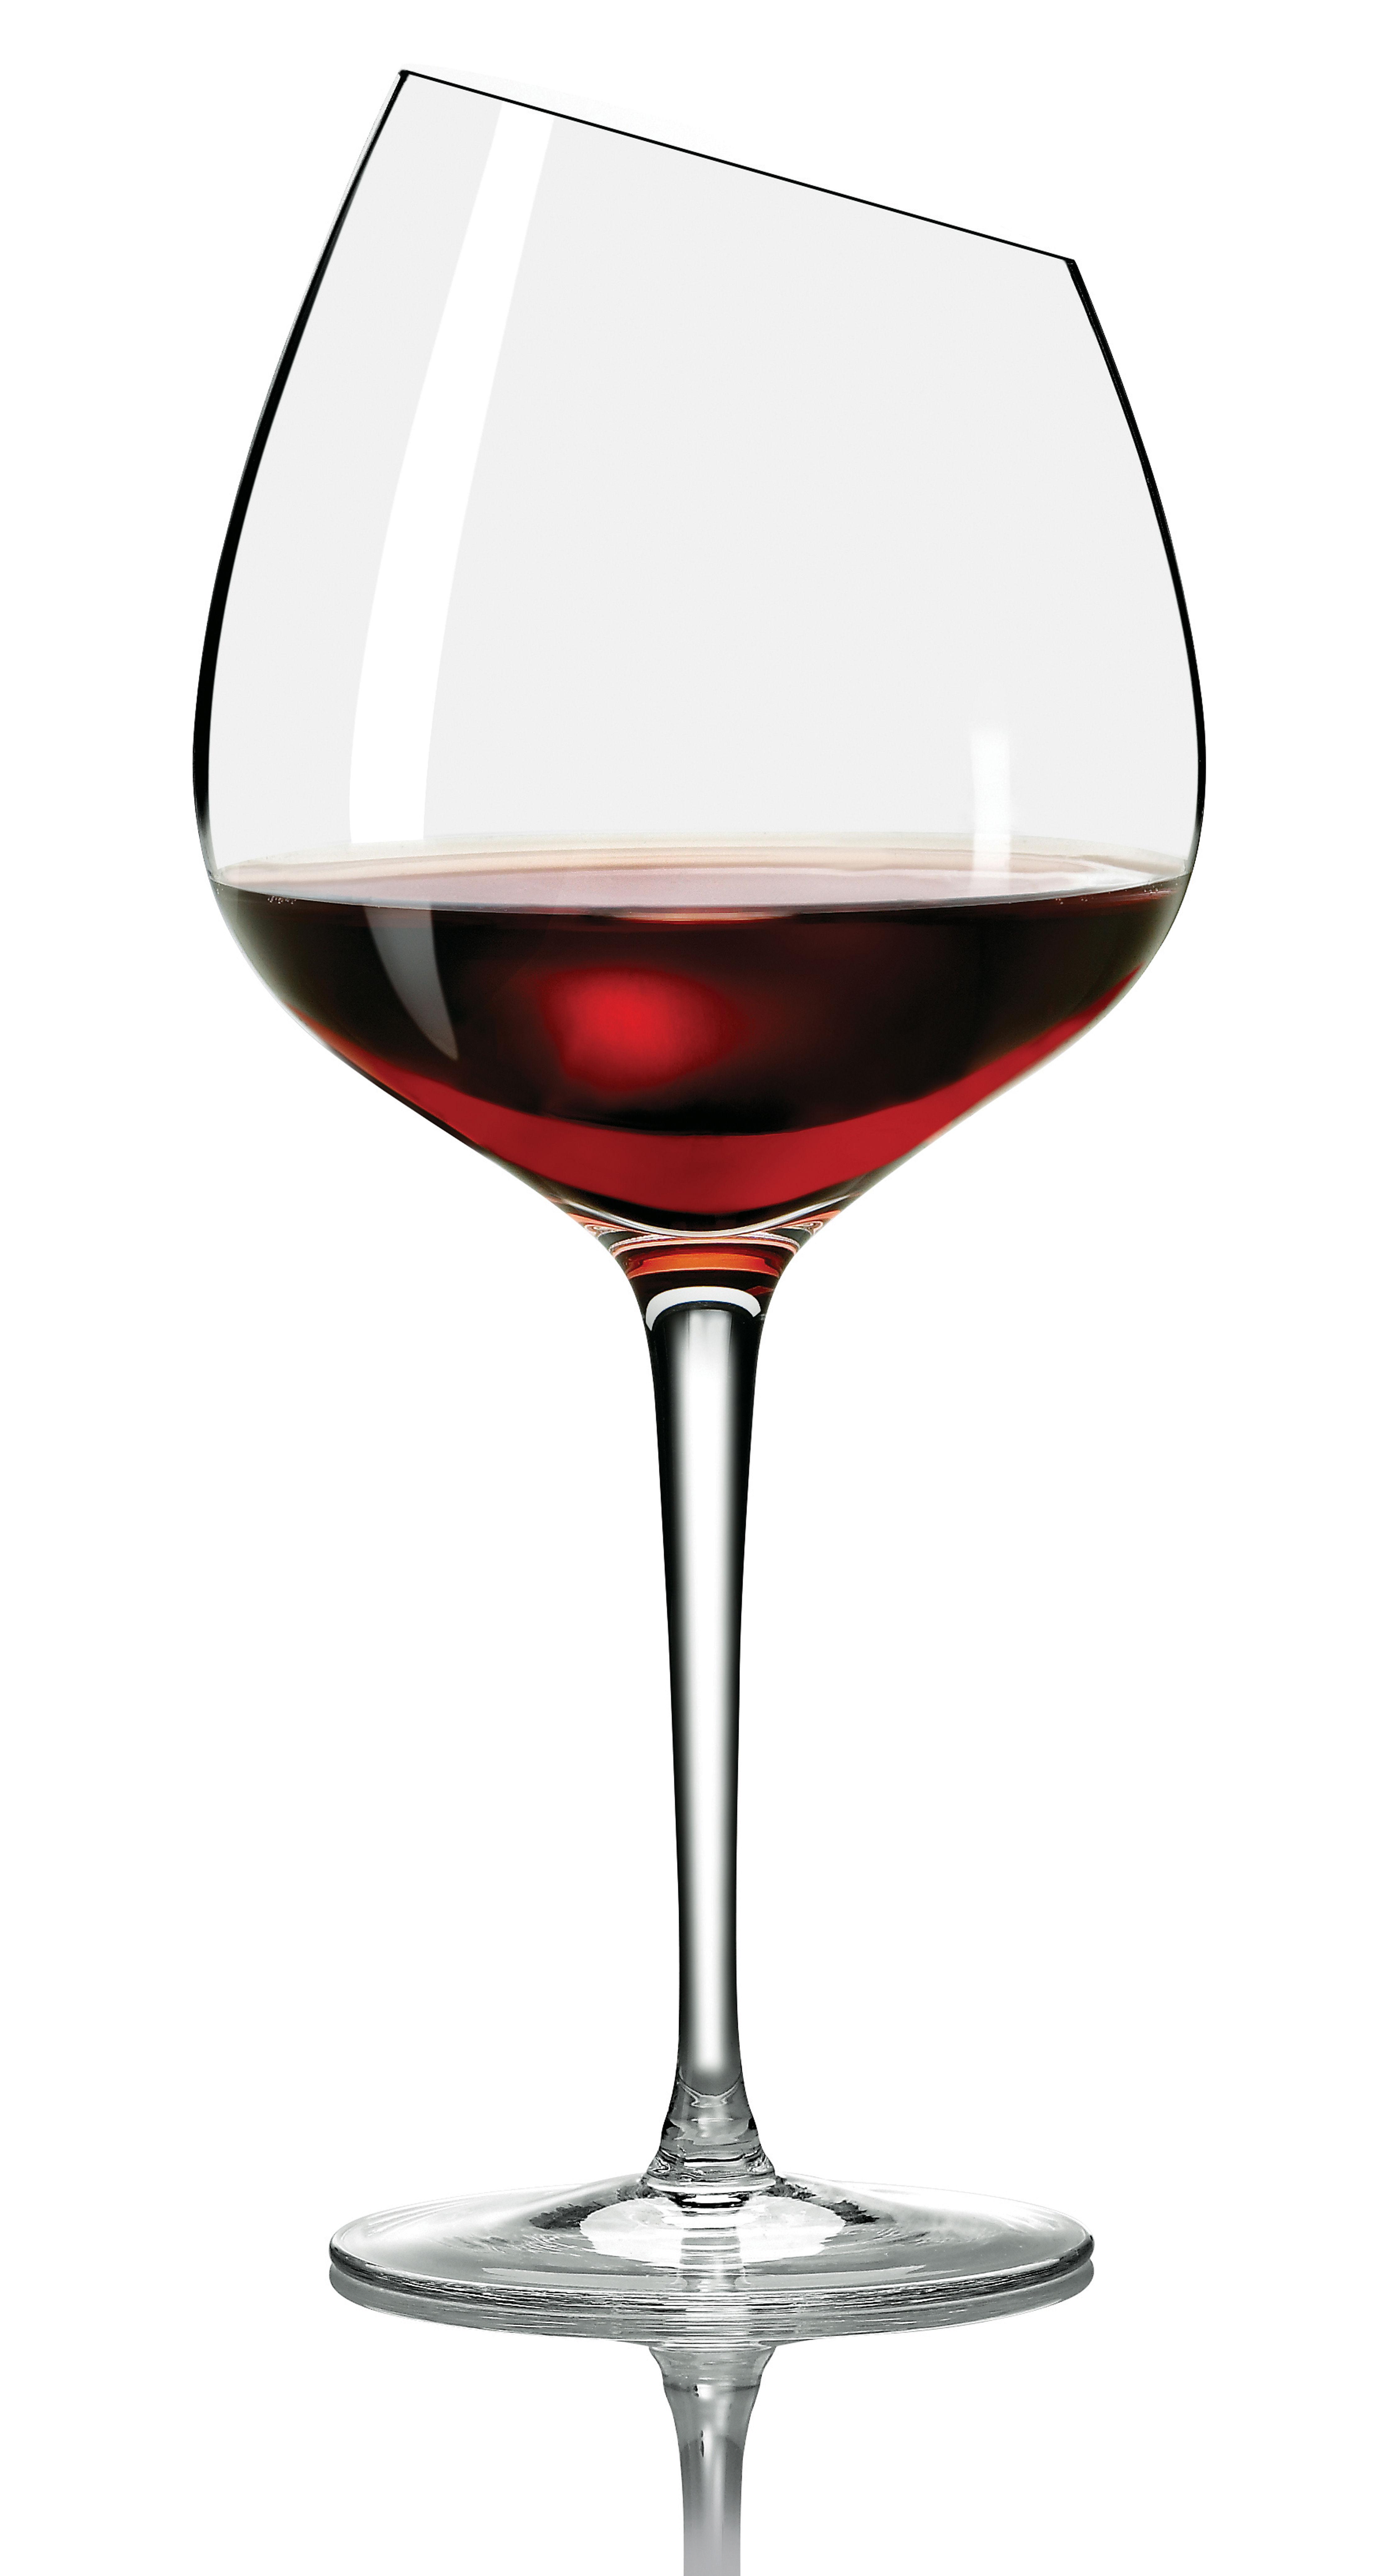 Tischkultur - Gläser - Weinglas Burgunder - Eva Solo - Burgunder - mundgeblasenes Glas